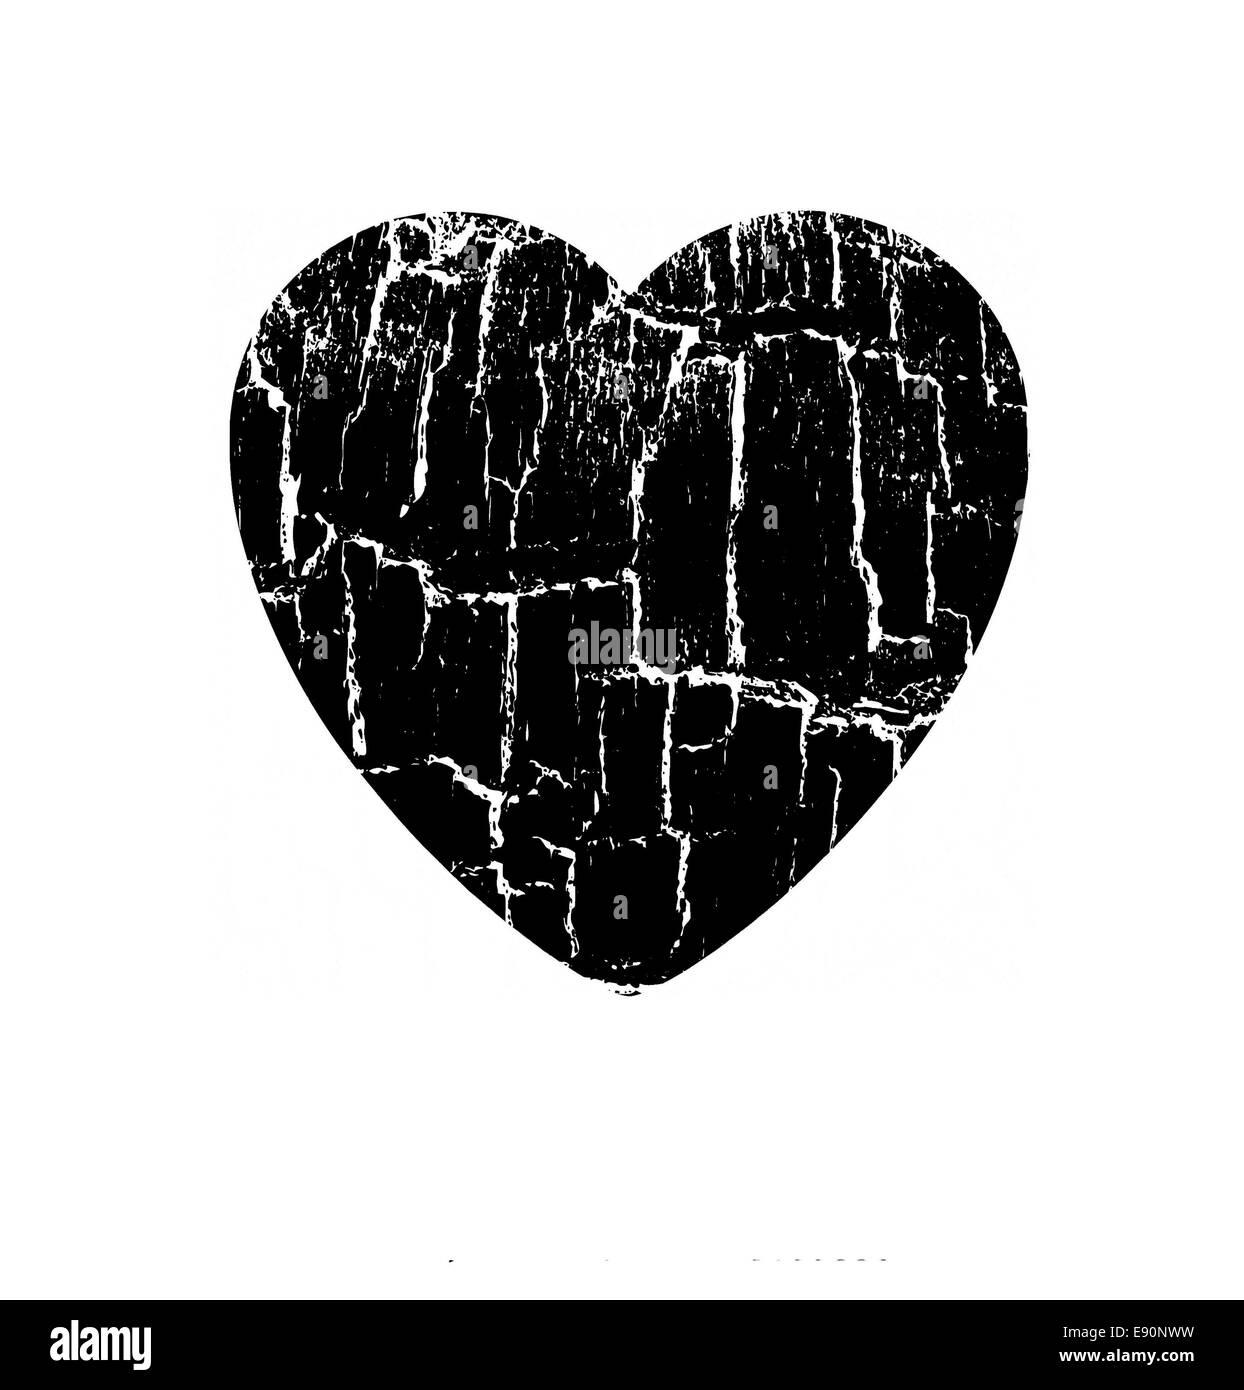 illustration heart in rift - Stock Image